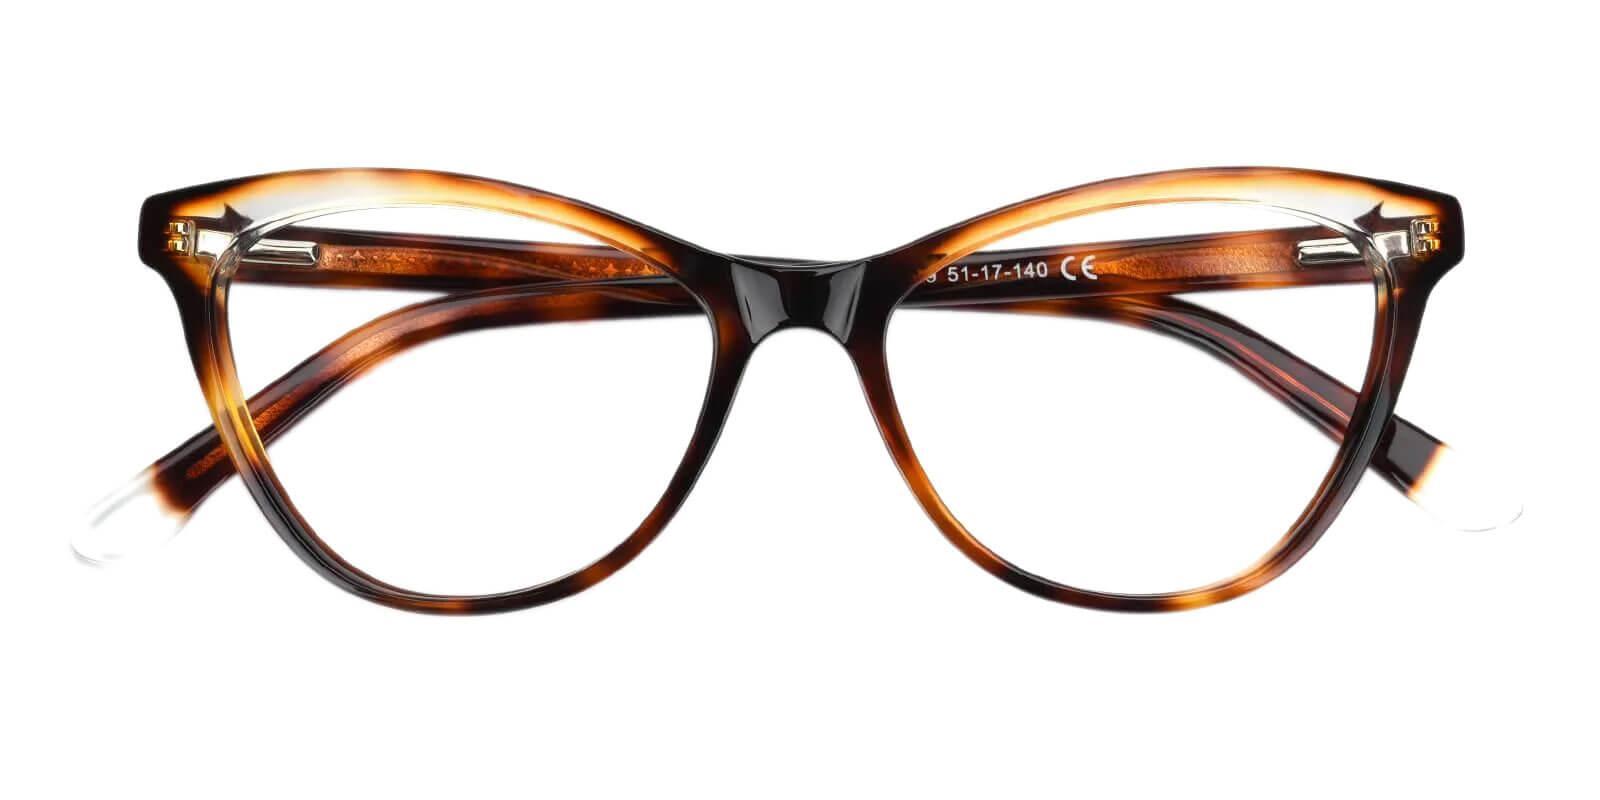 Luznic Tortoise Acetate Eyeglasses , UniversalBridgeFit Frames from ABBE Glasses